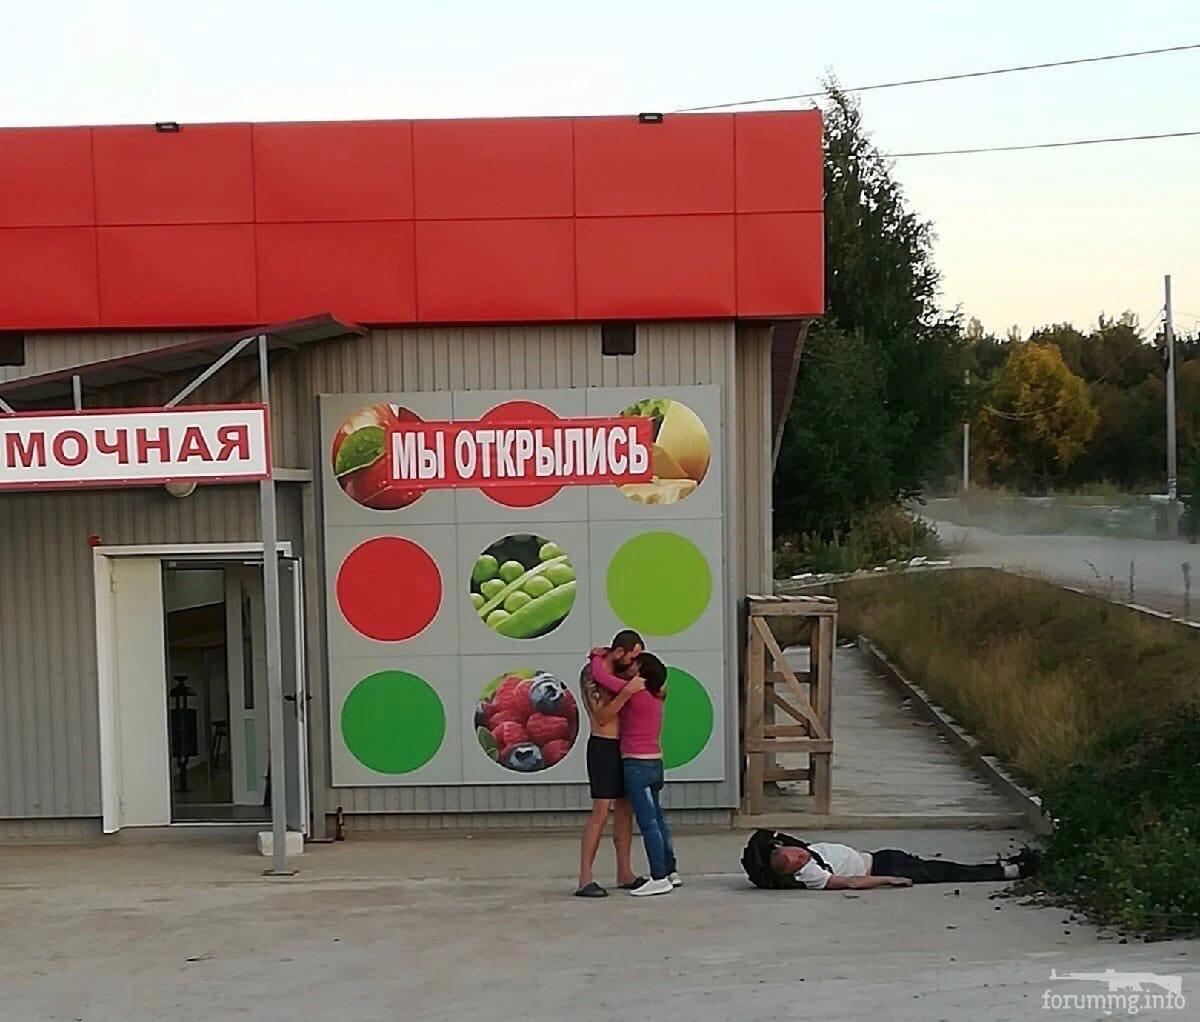 131959 - А в России чудеса!